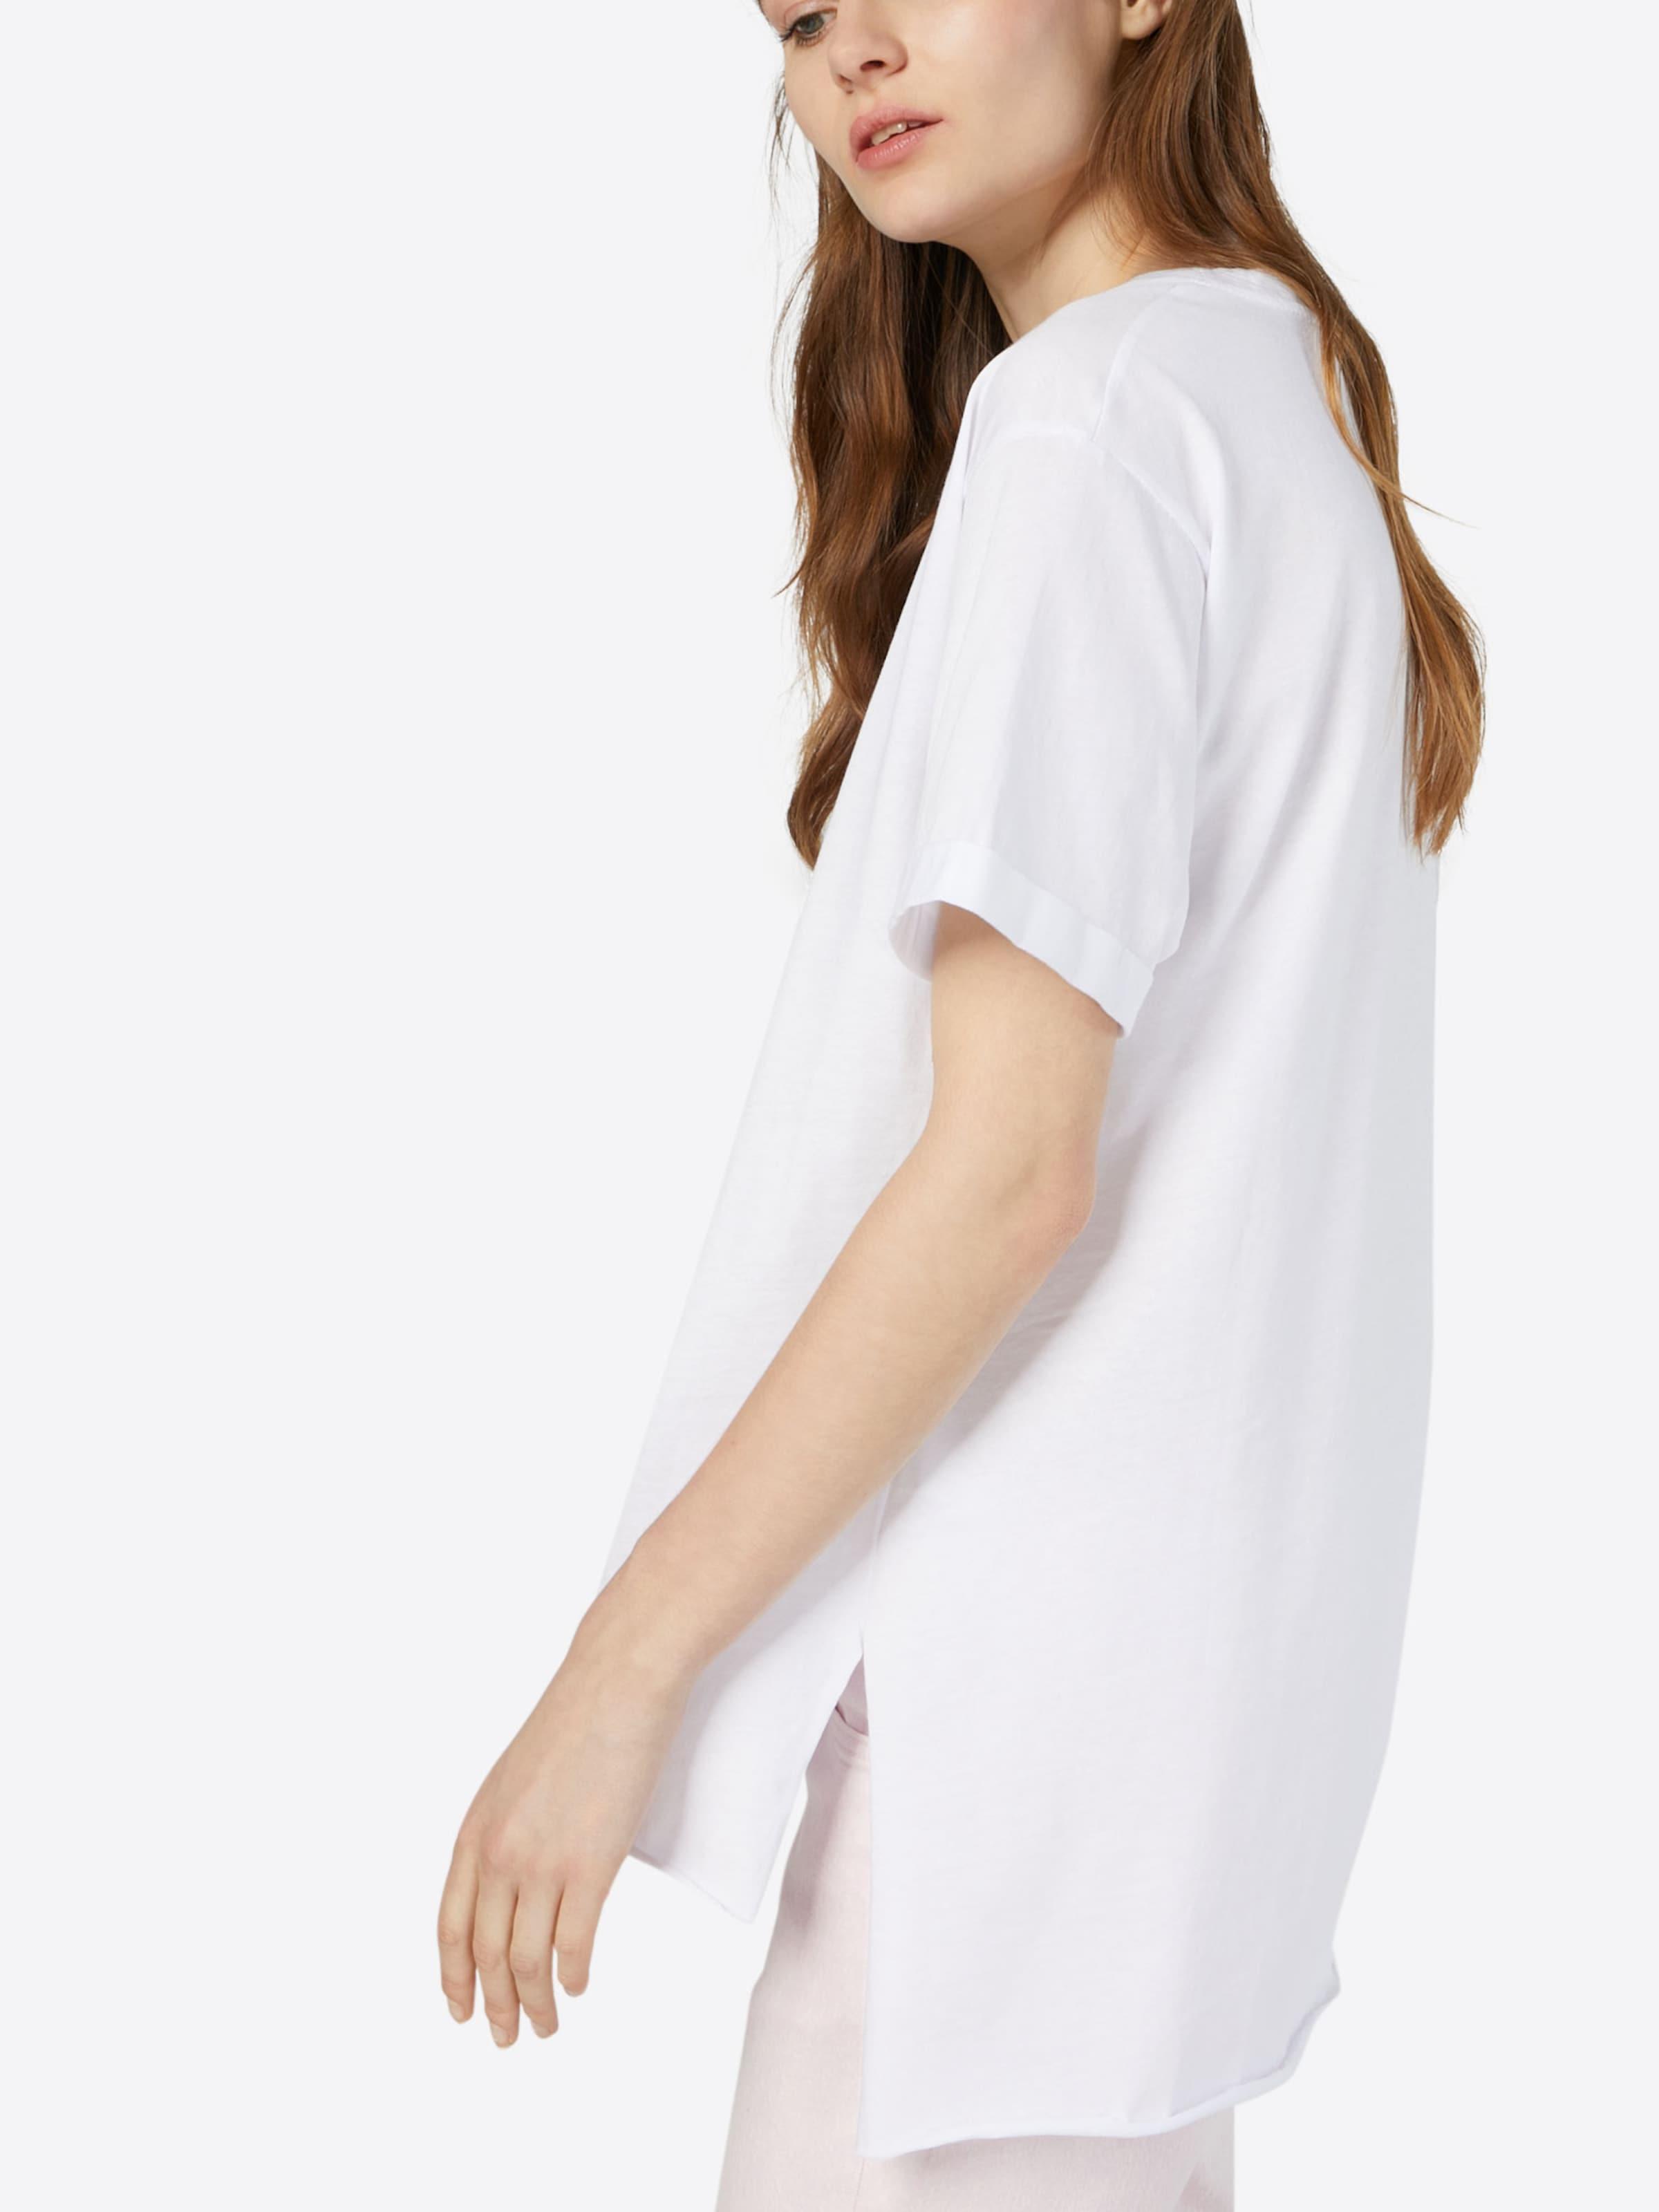 PLEASE Oversize Shirt Vorbestellung Online FlAISheyfJ